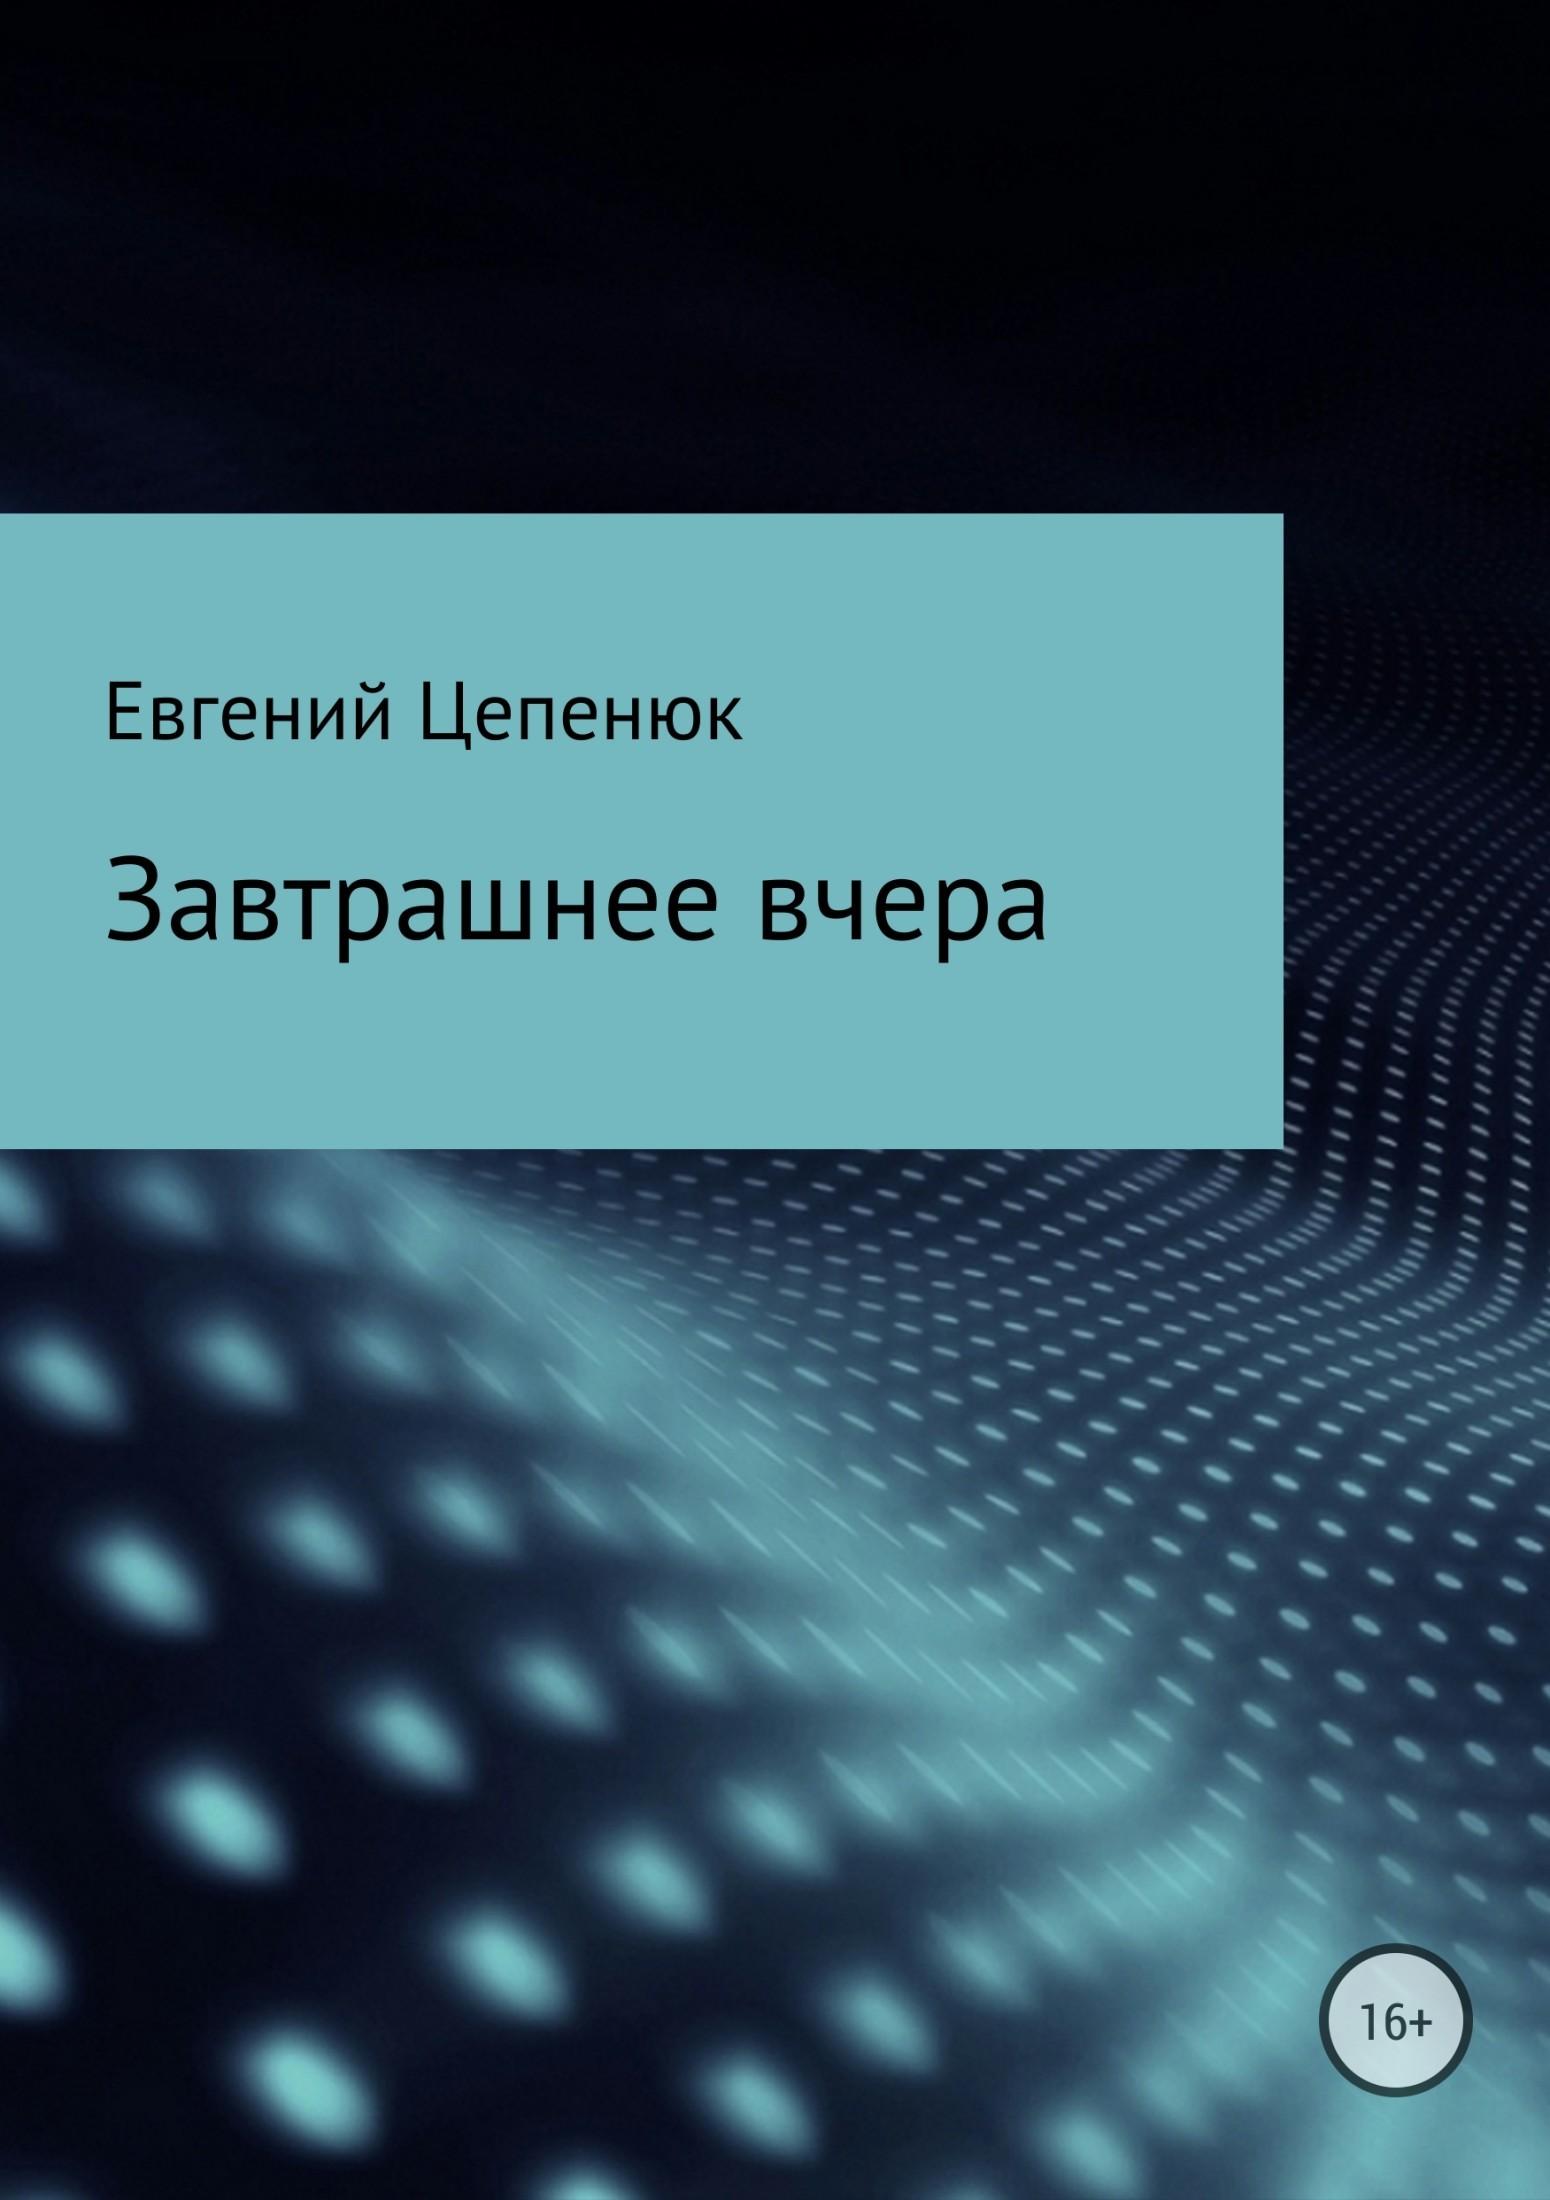 Евгений Павлович Цепенюк. Завтрашнее вчера